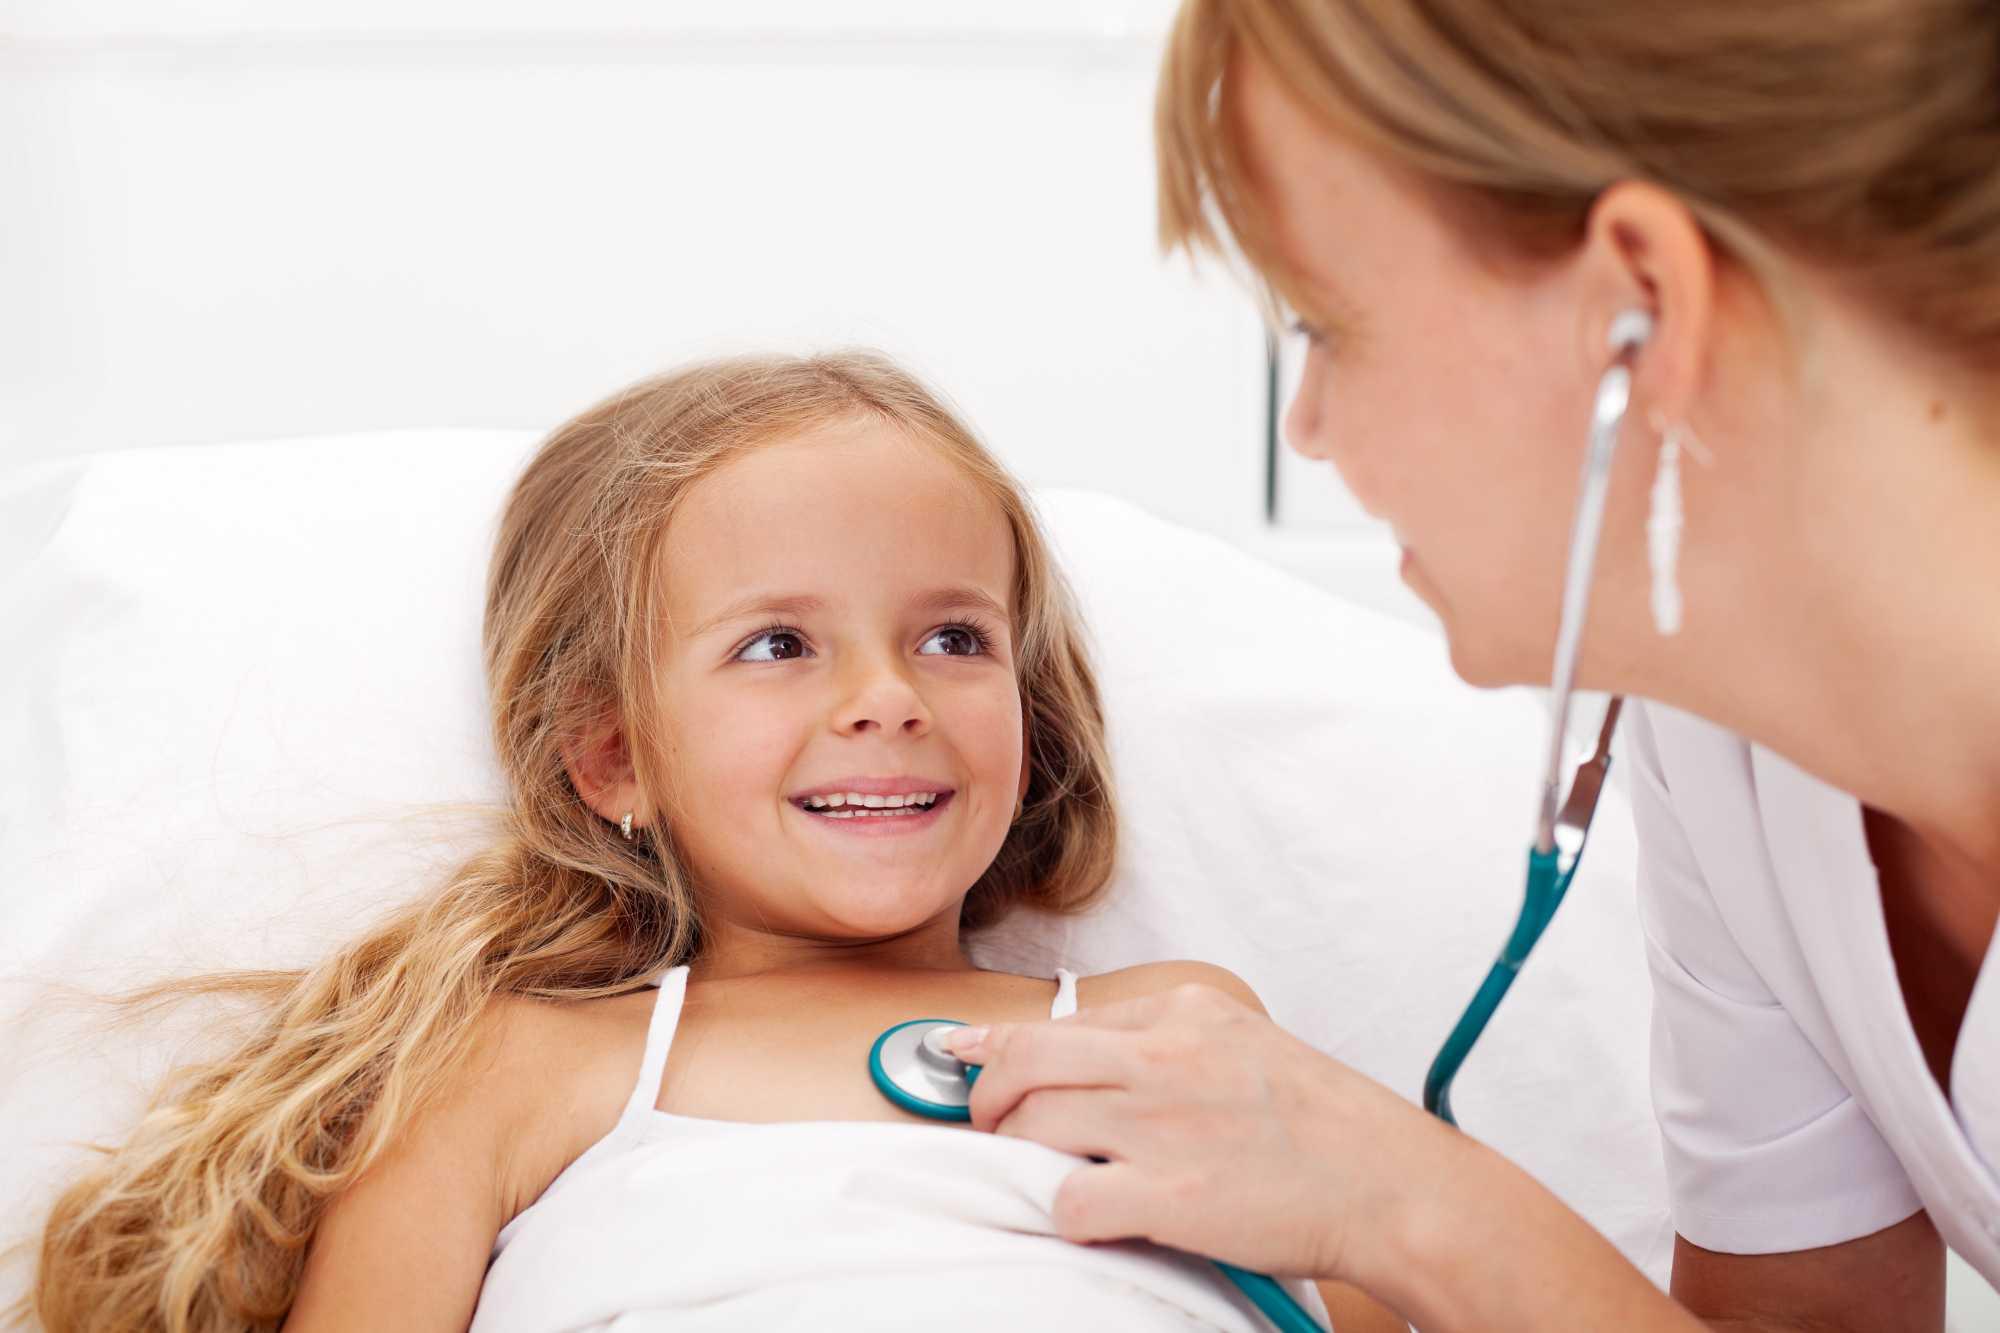 Pflegedienst Tara - Außerklinische Intensivpflege Kinder